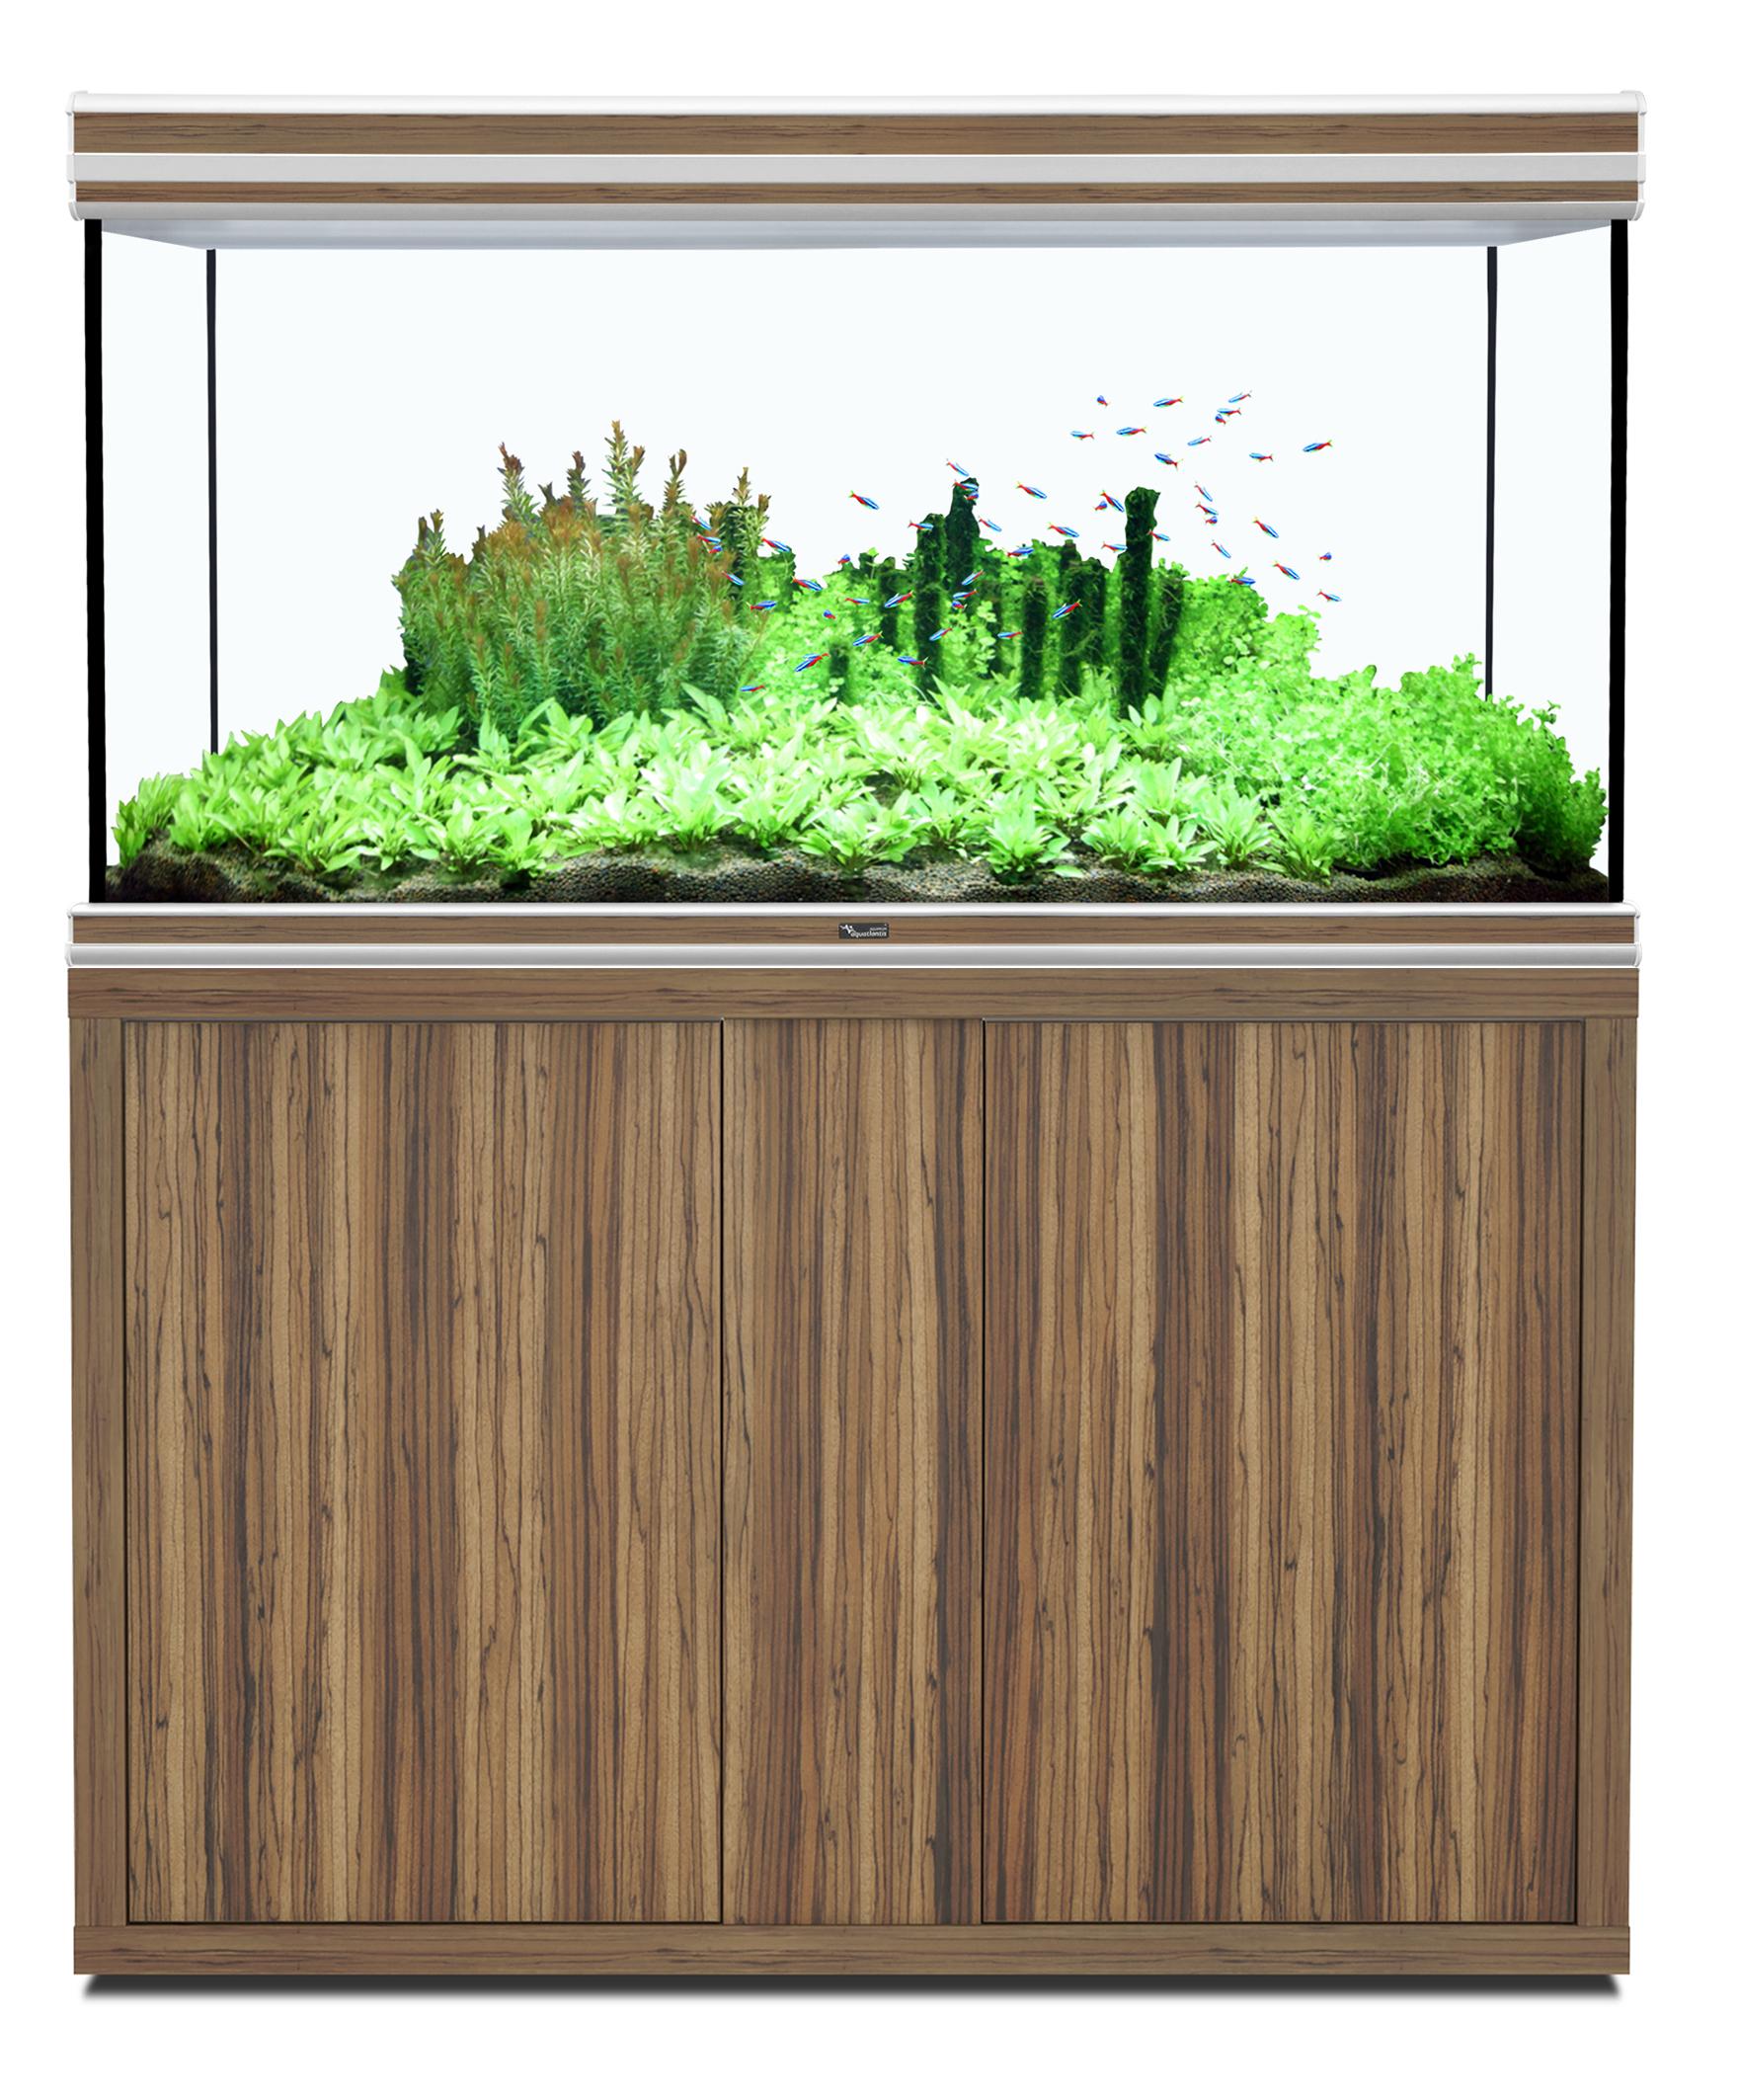 Aquatlantis FUSION 120 x 60 tout équipé Aquarium + Meuble